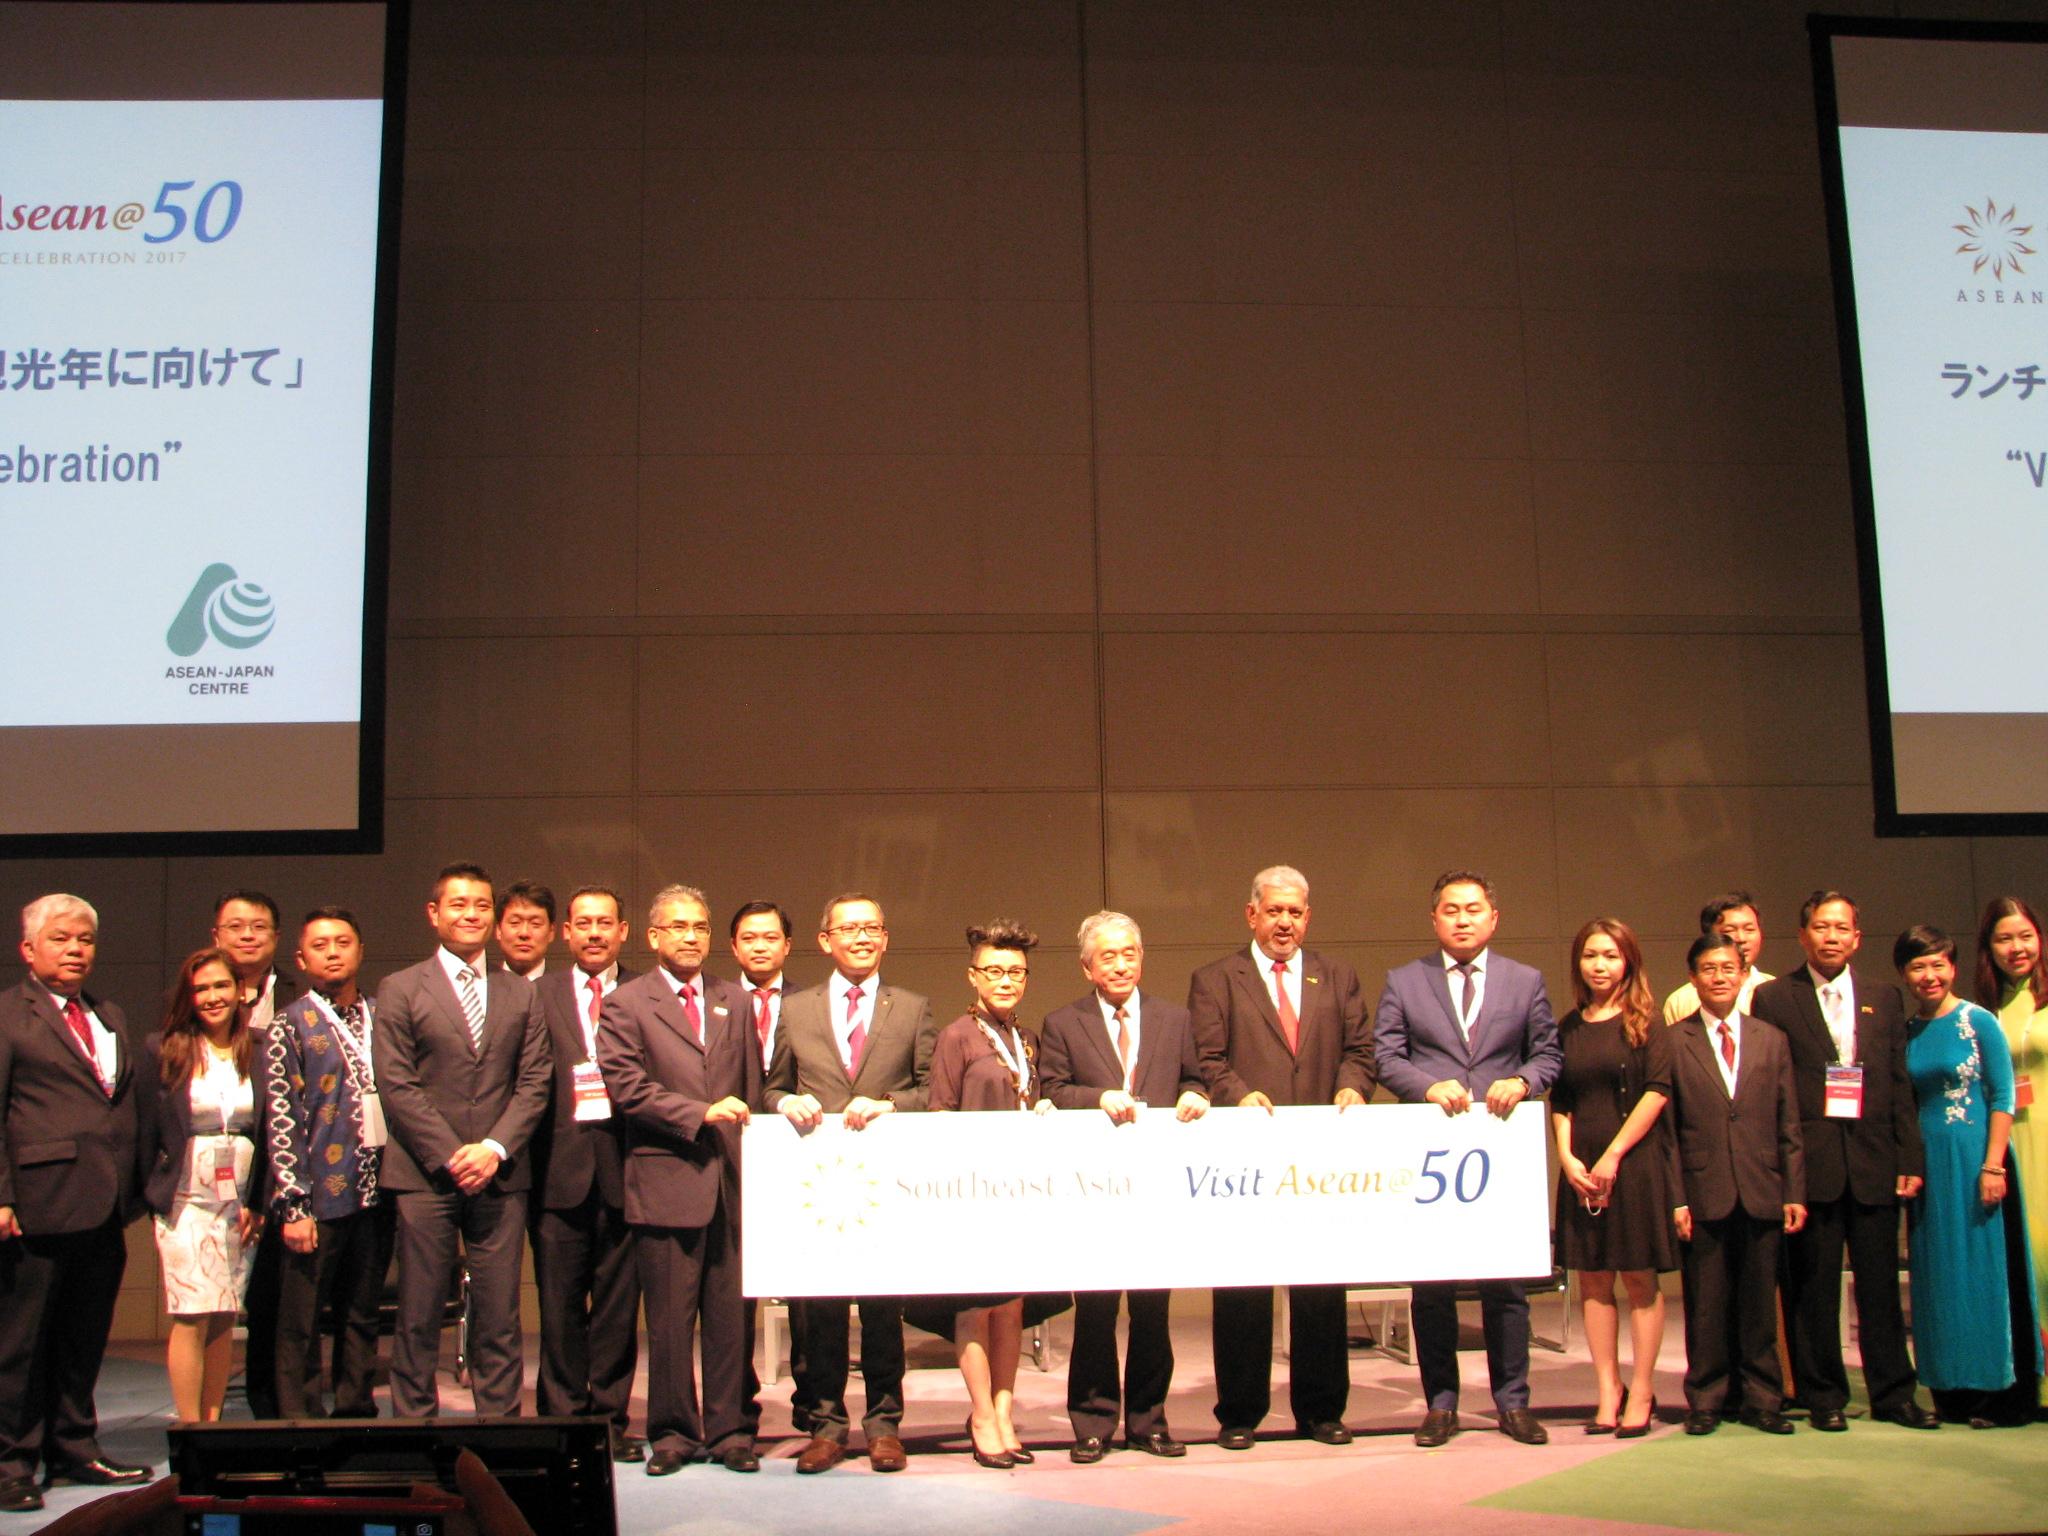 ASEAN結成50周年で10か国共同の観光キャンペーン、国境超えた観光ルートなど多様性で観光促進へ